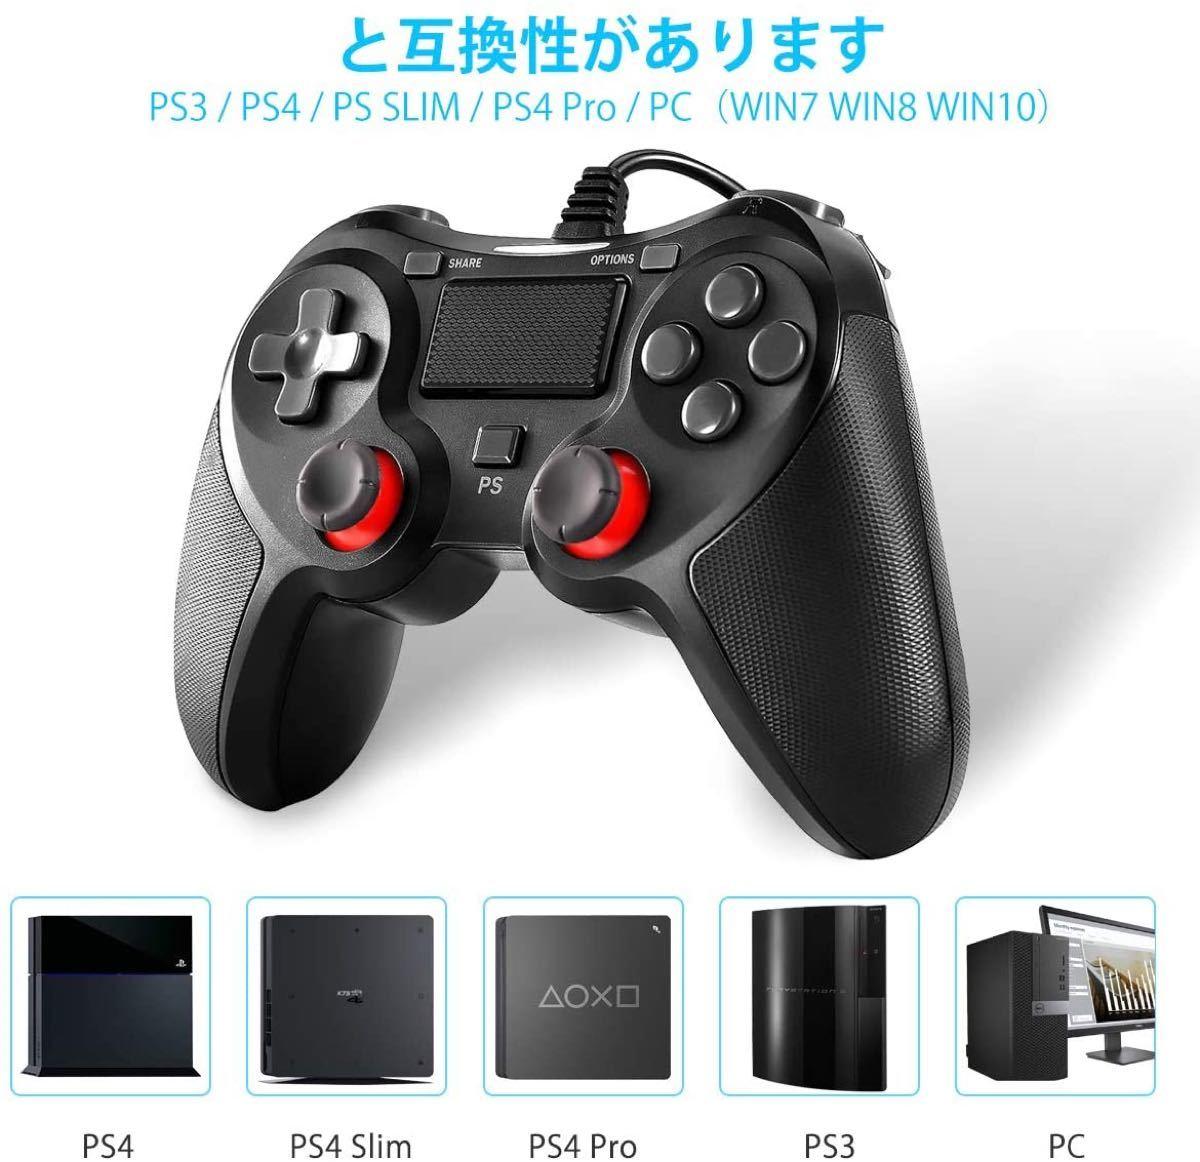 PS4コントローラー有線 ps3/pc コントローラー 二重振動 人間工学